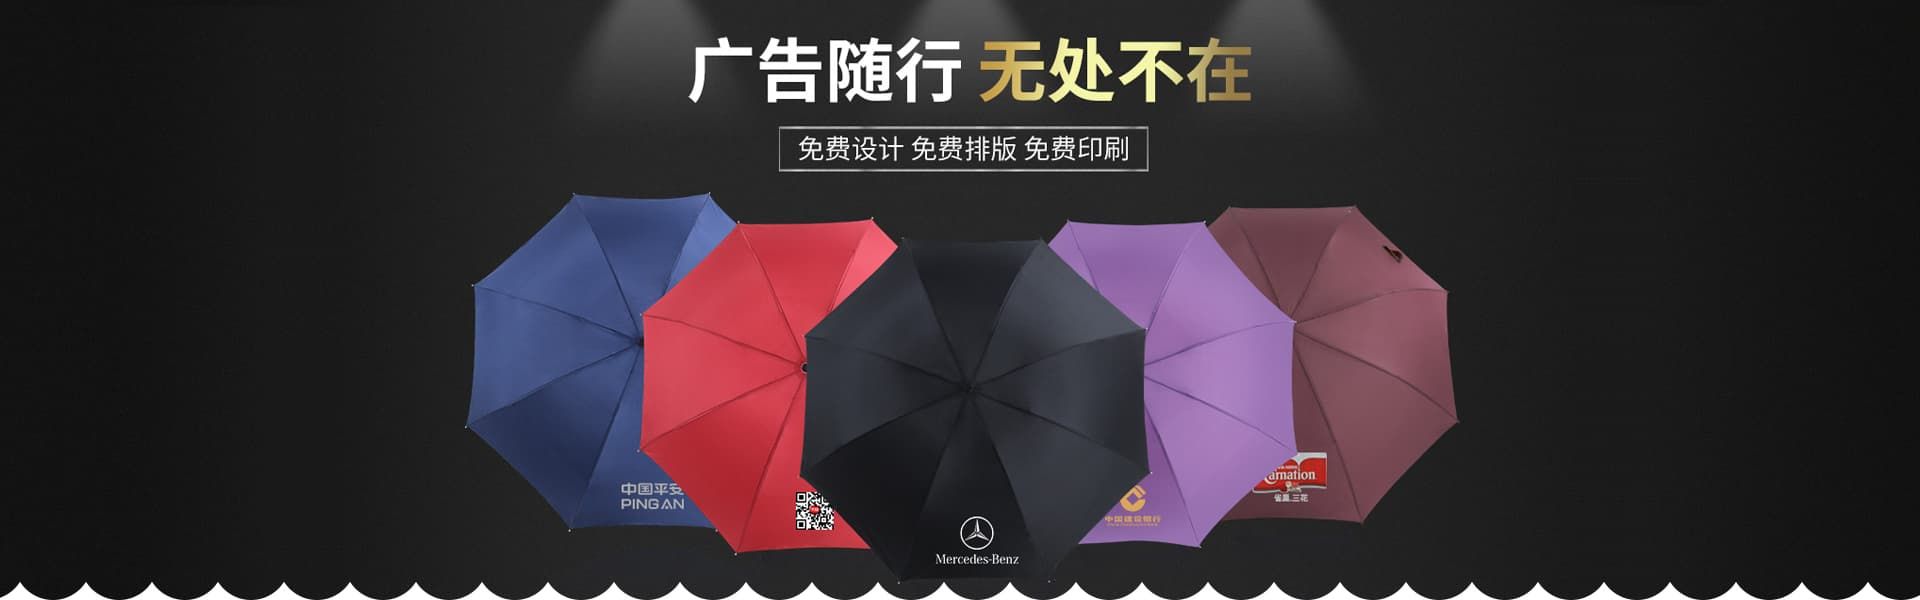 折叠伞定制